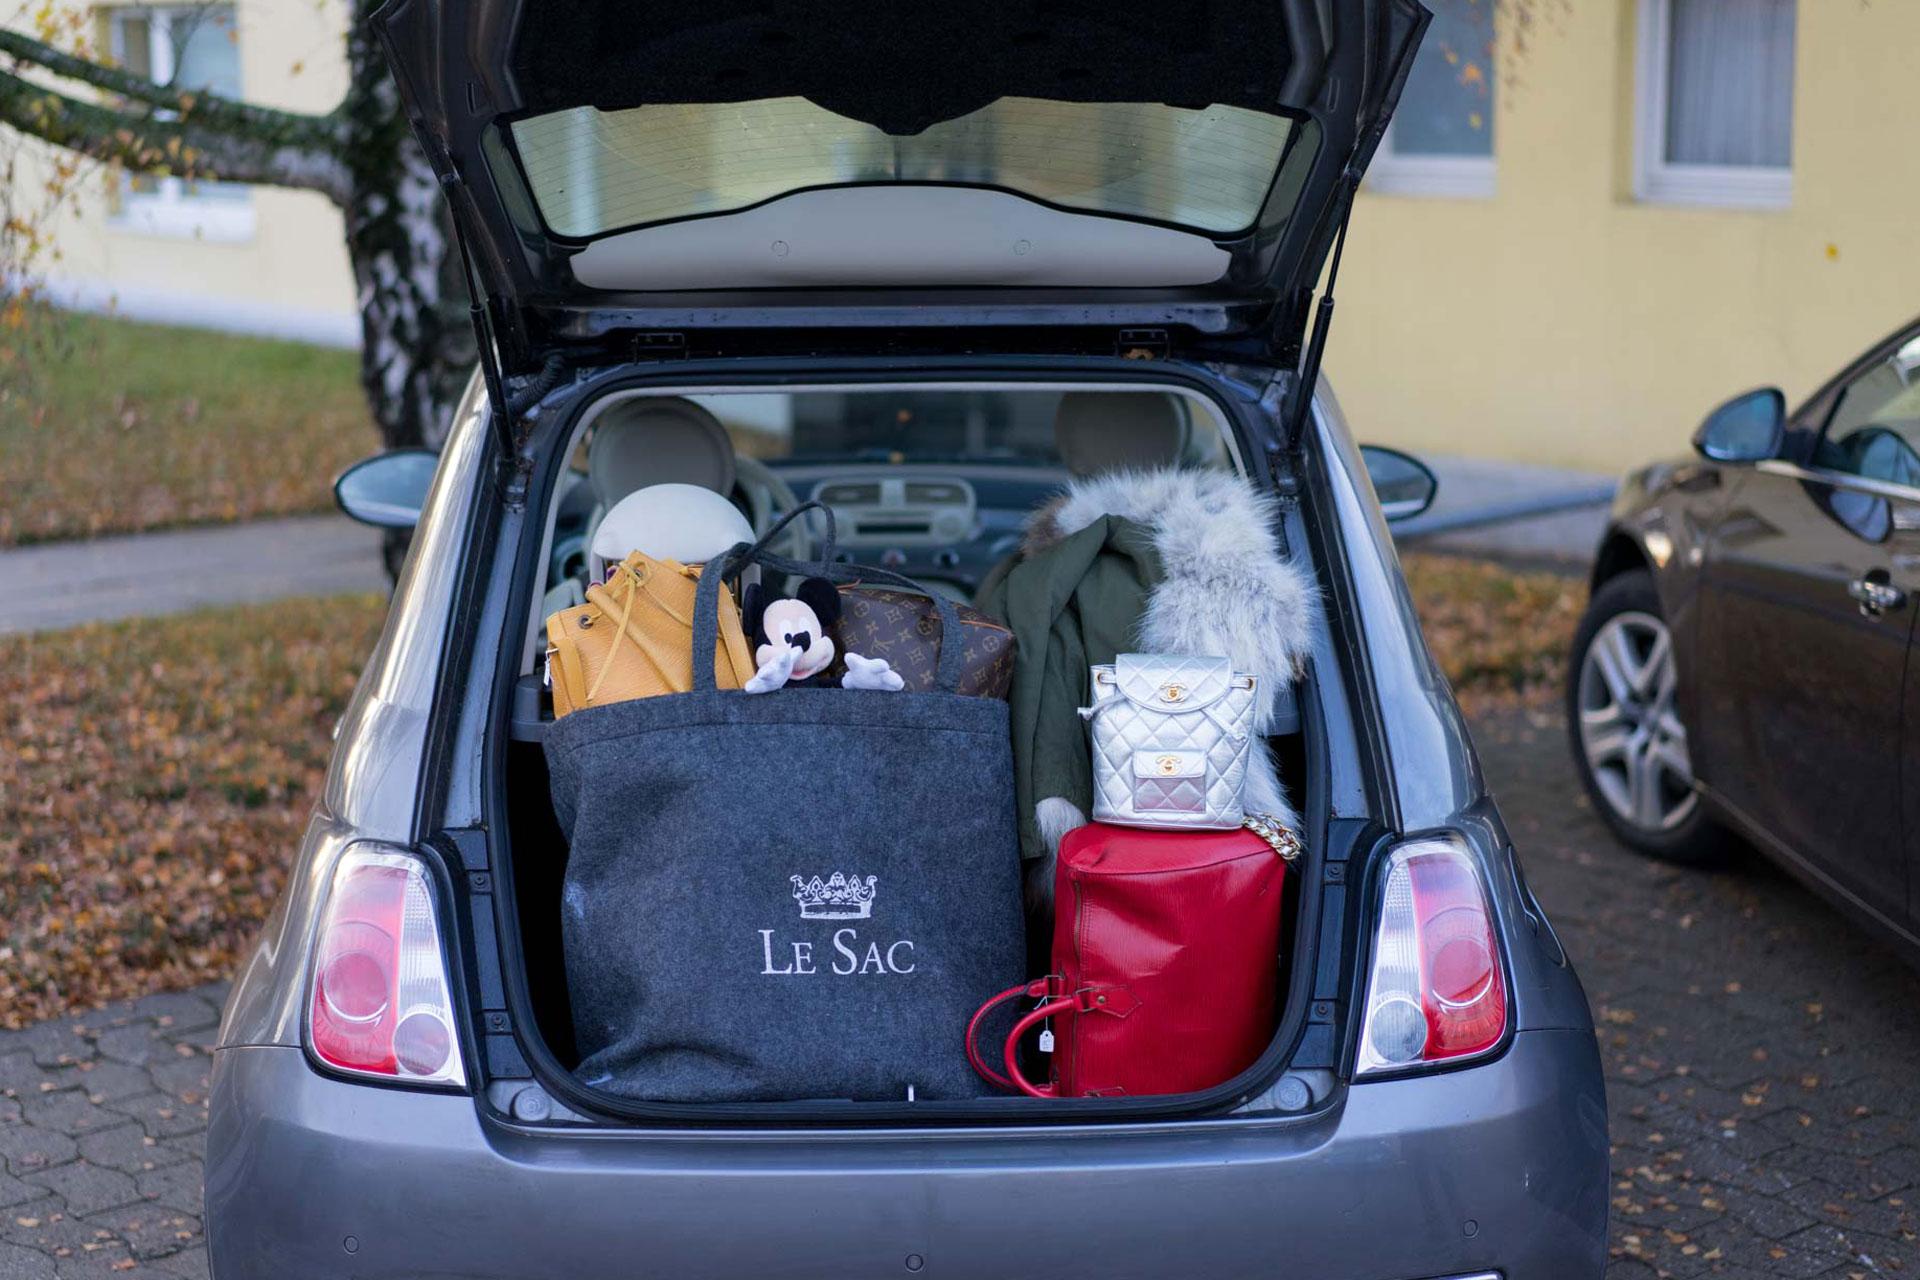 luxussachen-lesac-auto583d448d4fba0